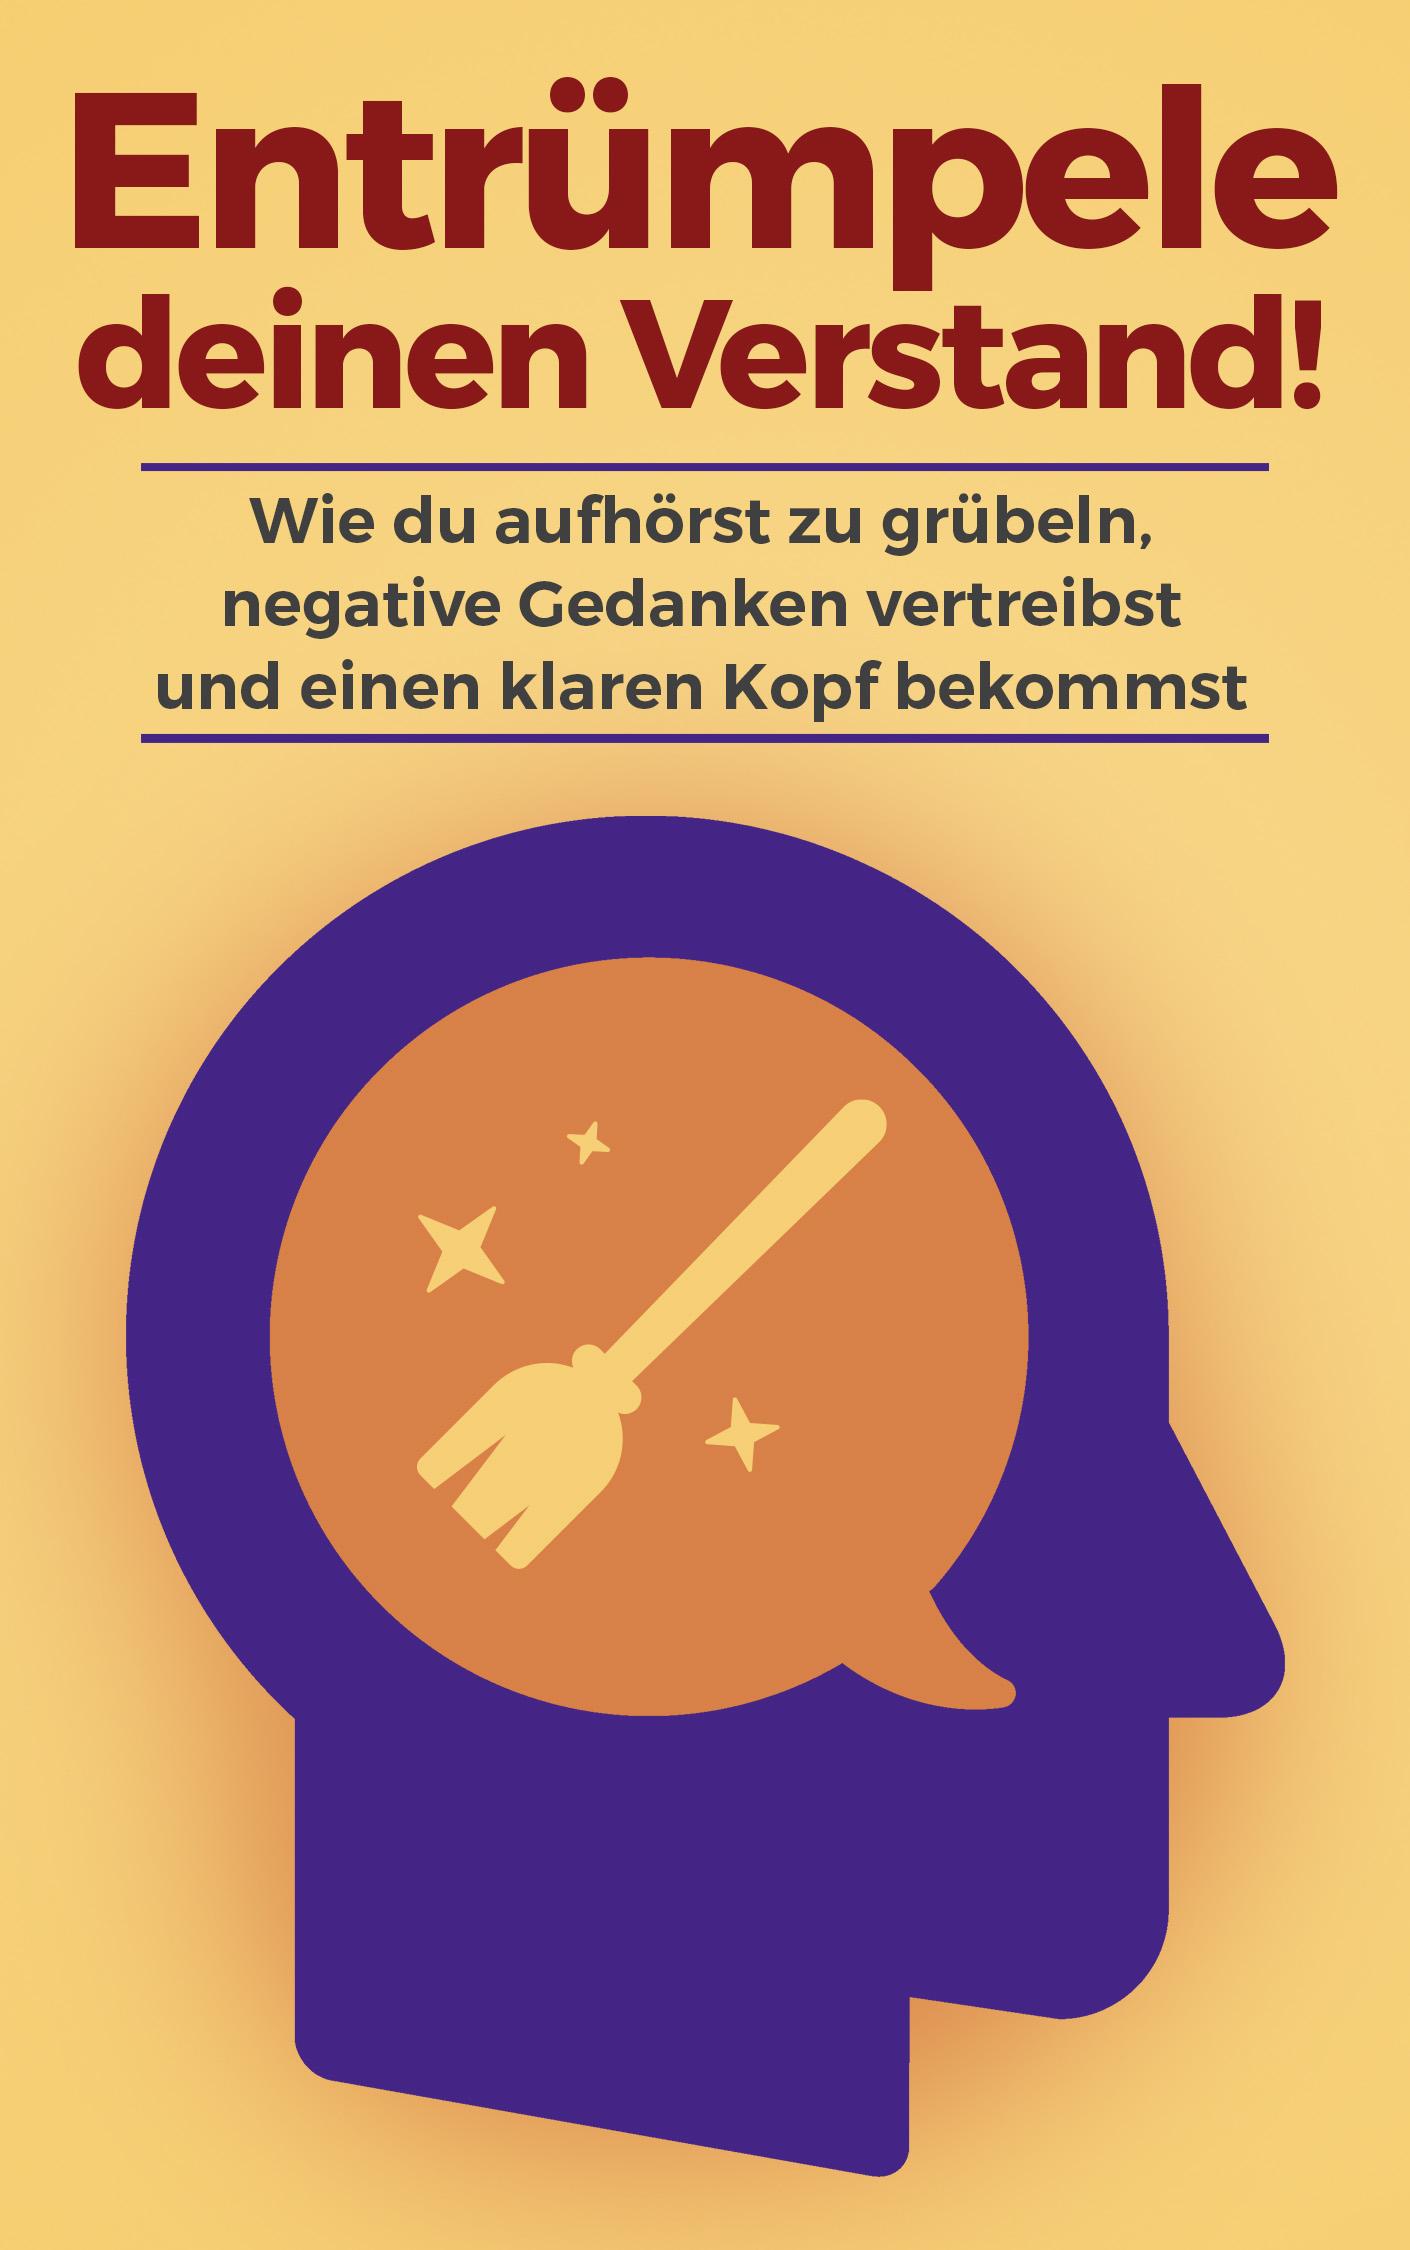 Jörg Janßen – Entrümpele deinen Verstand